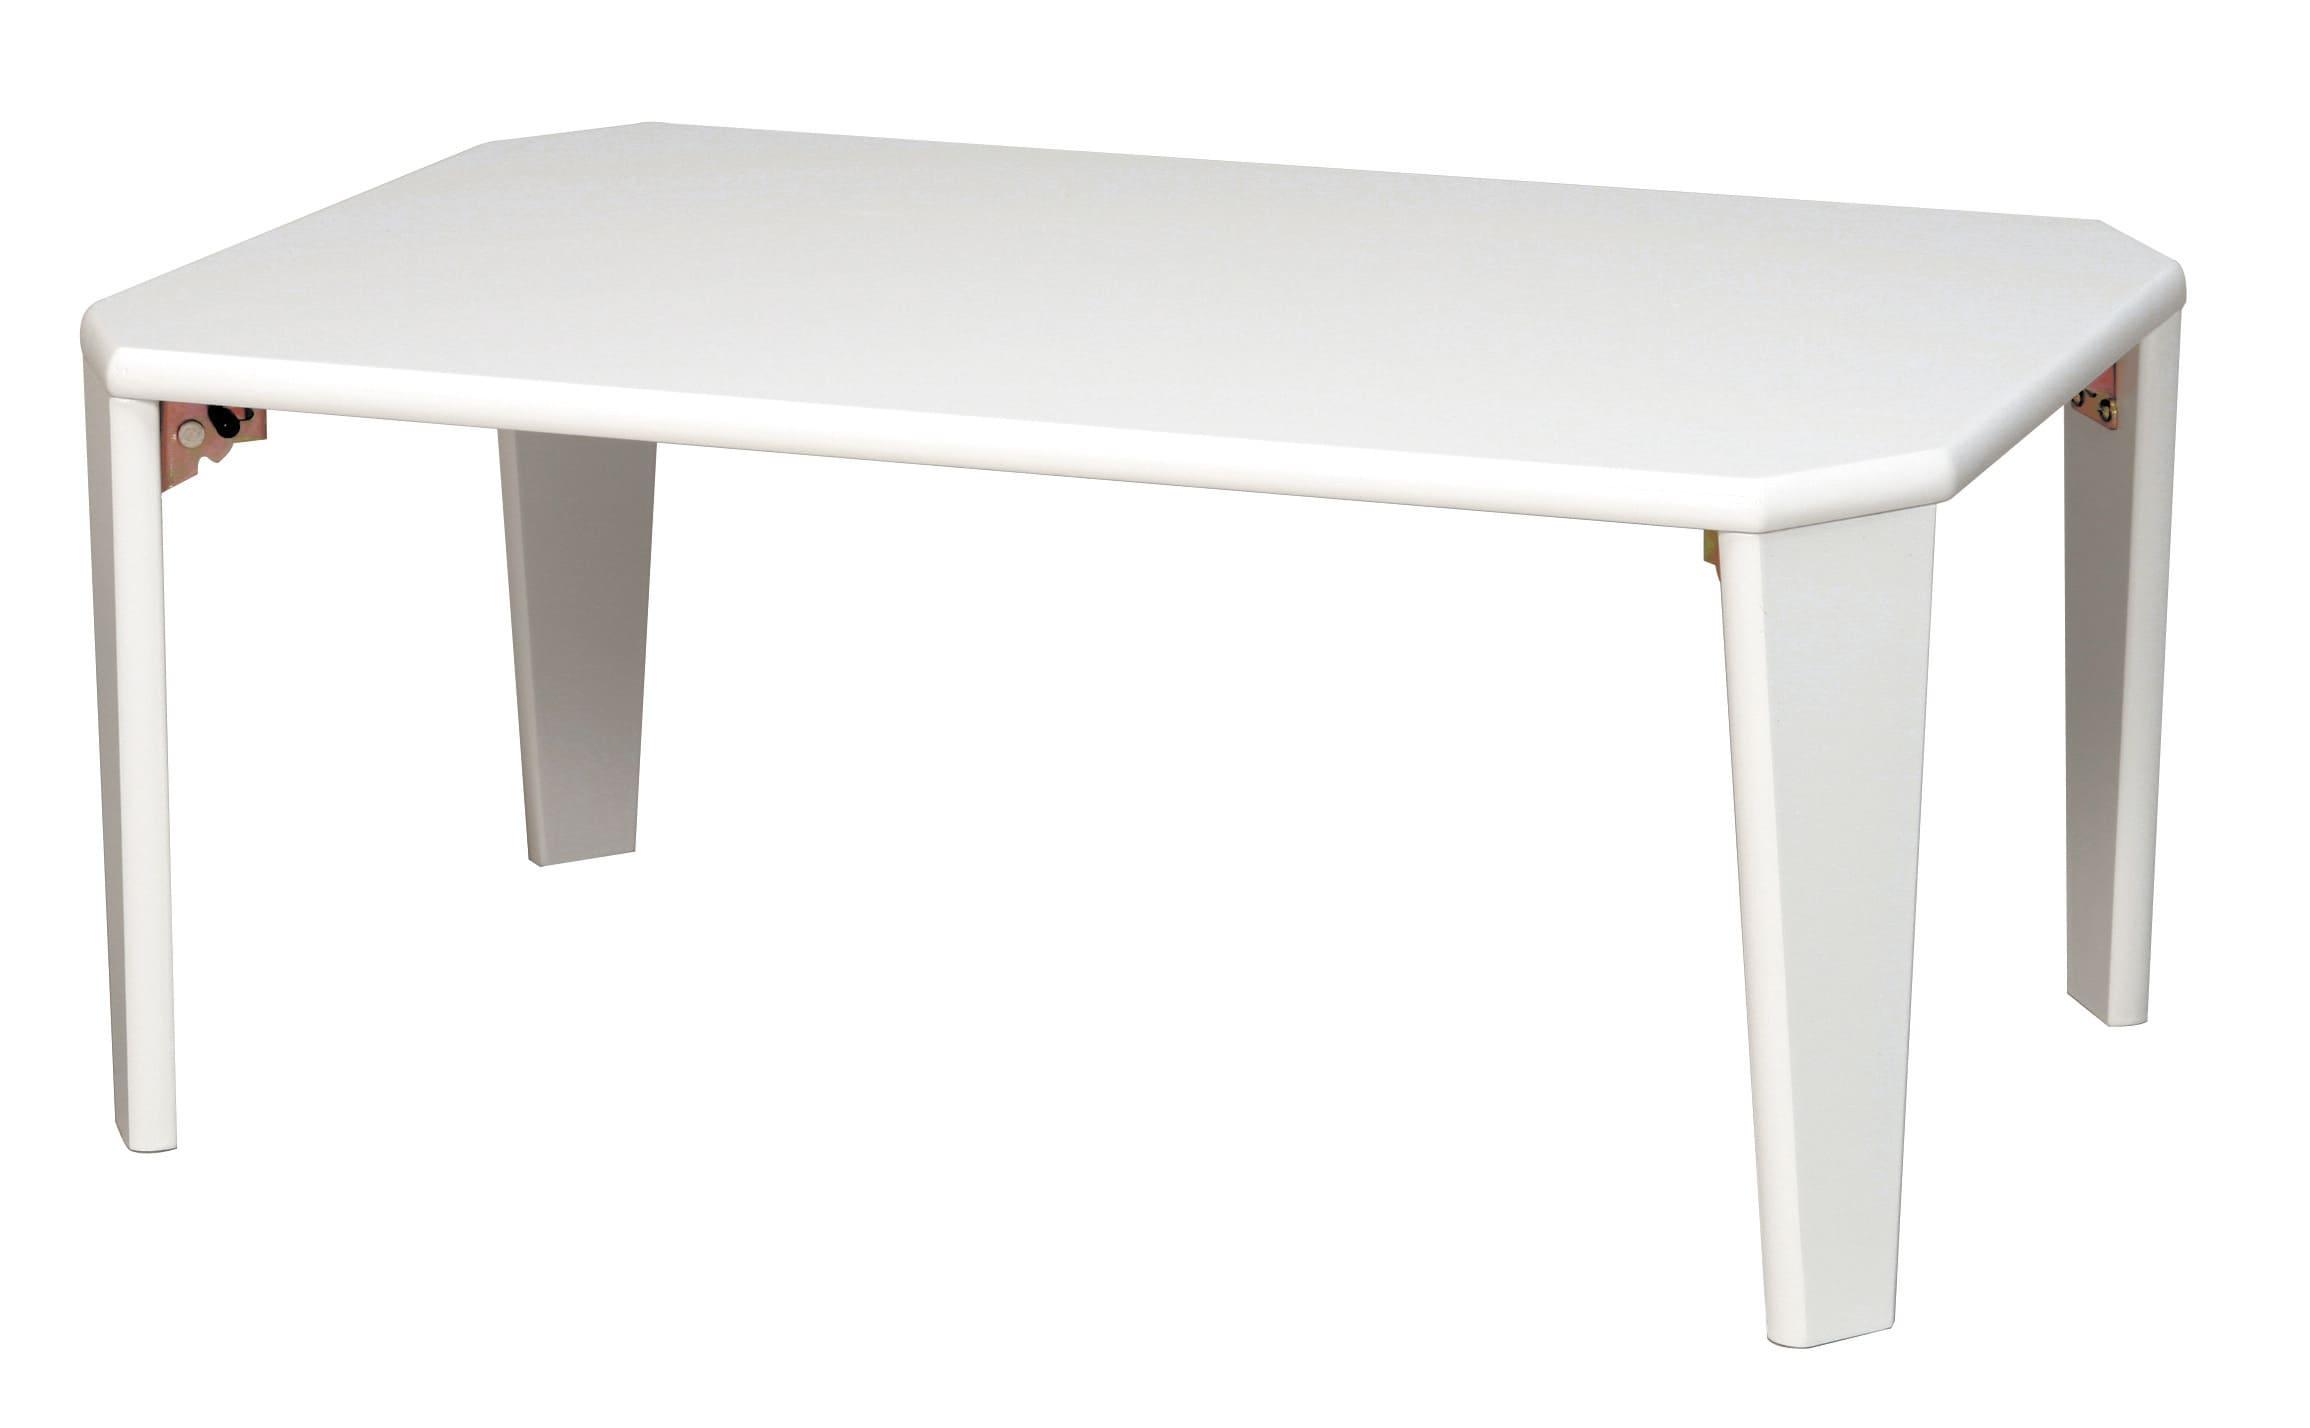 リッチテーブル NK−755WH:リッチテーブル